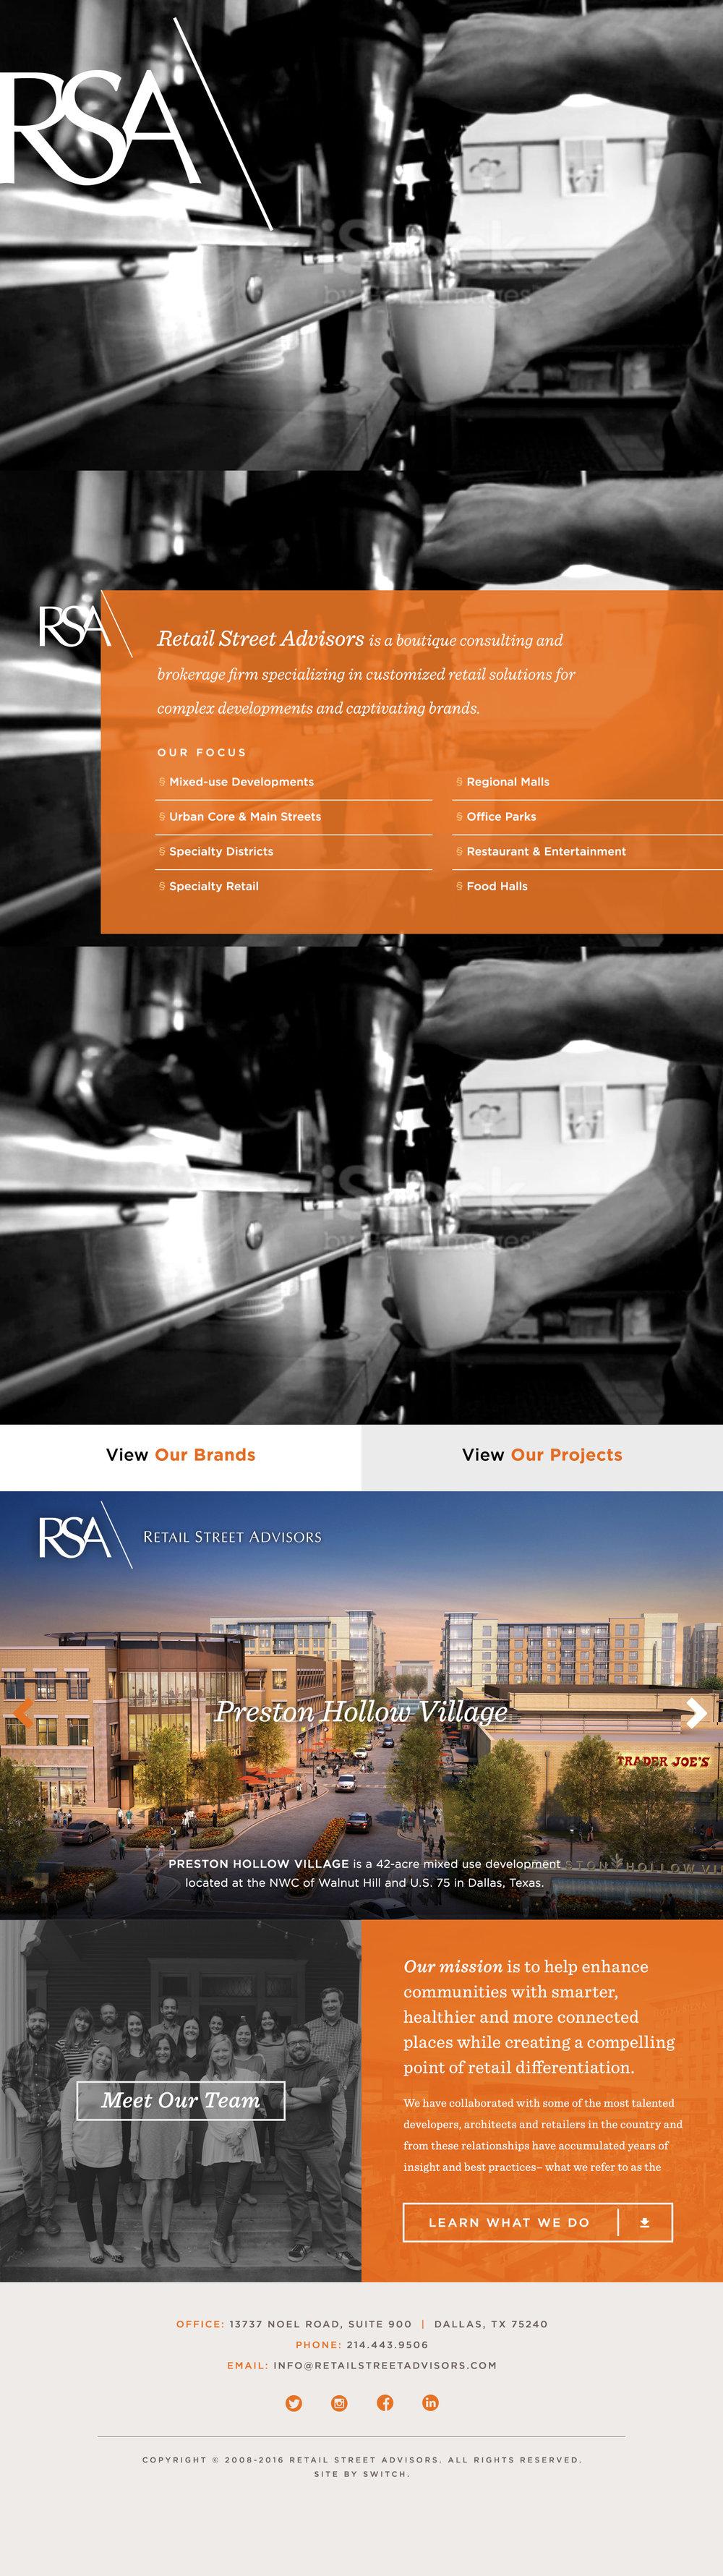 RSA-R4-Home-_0000_HOME.jpg